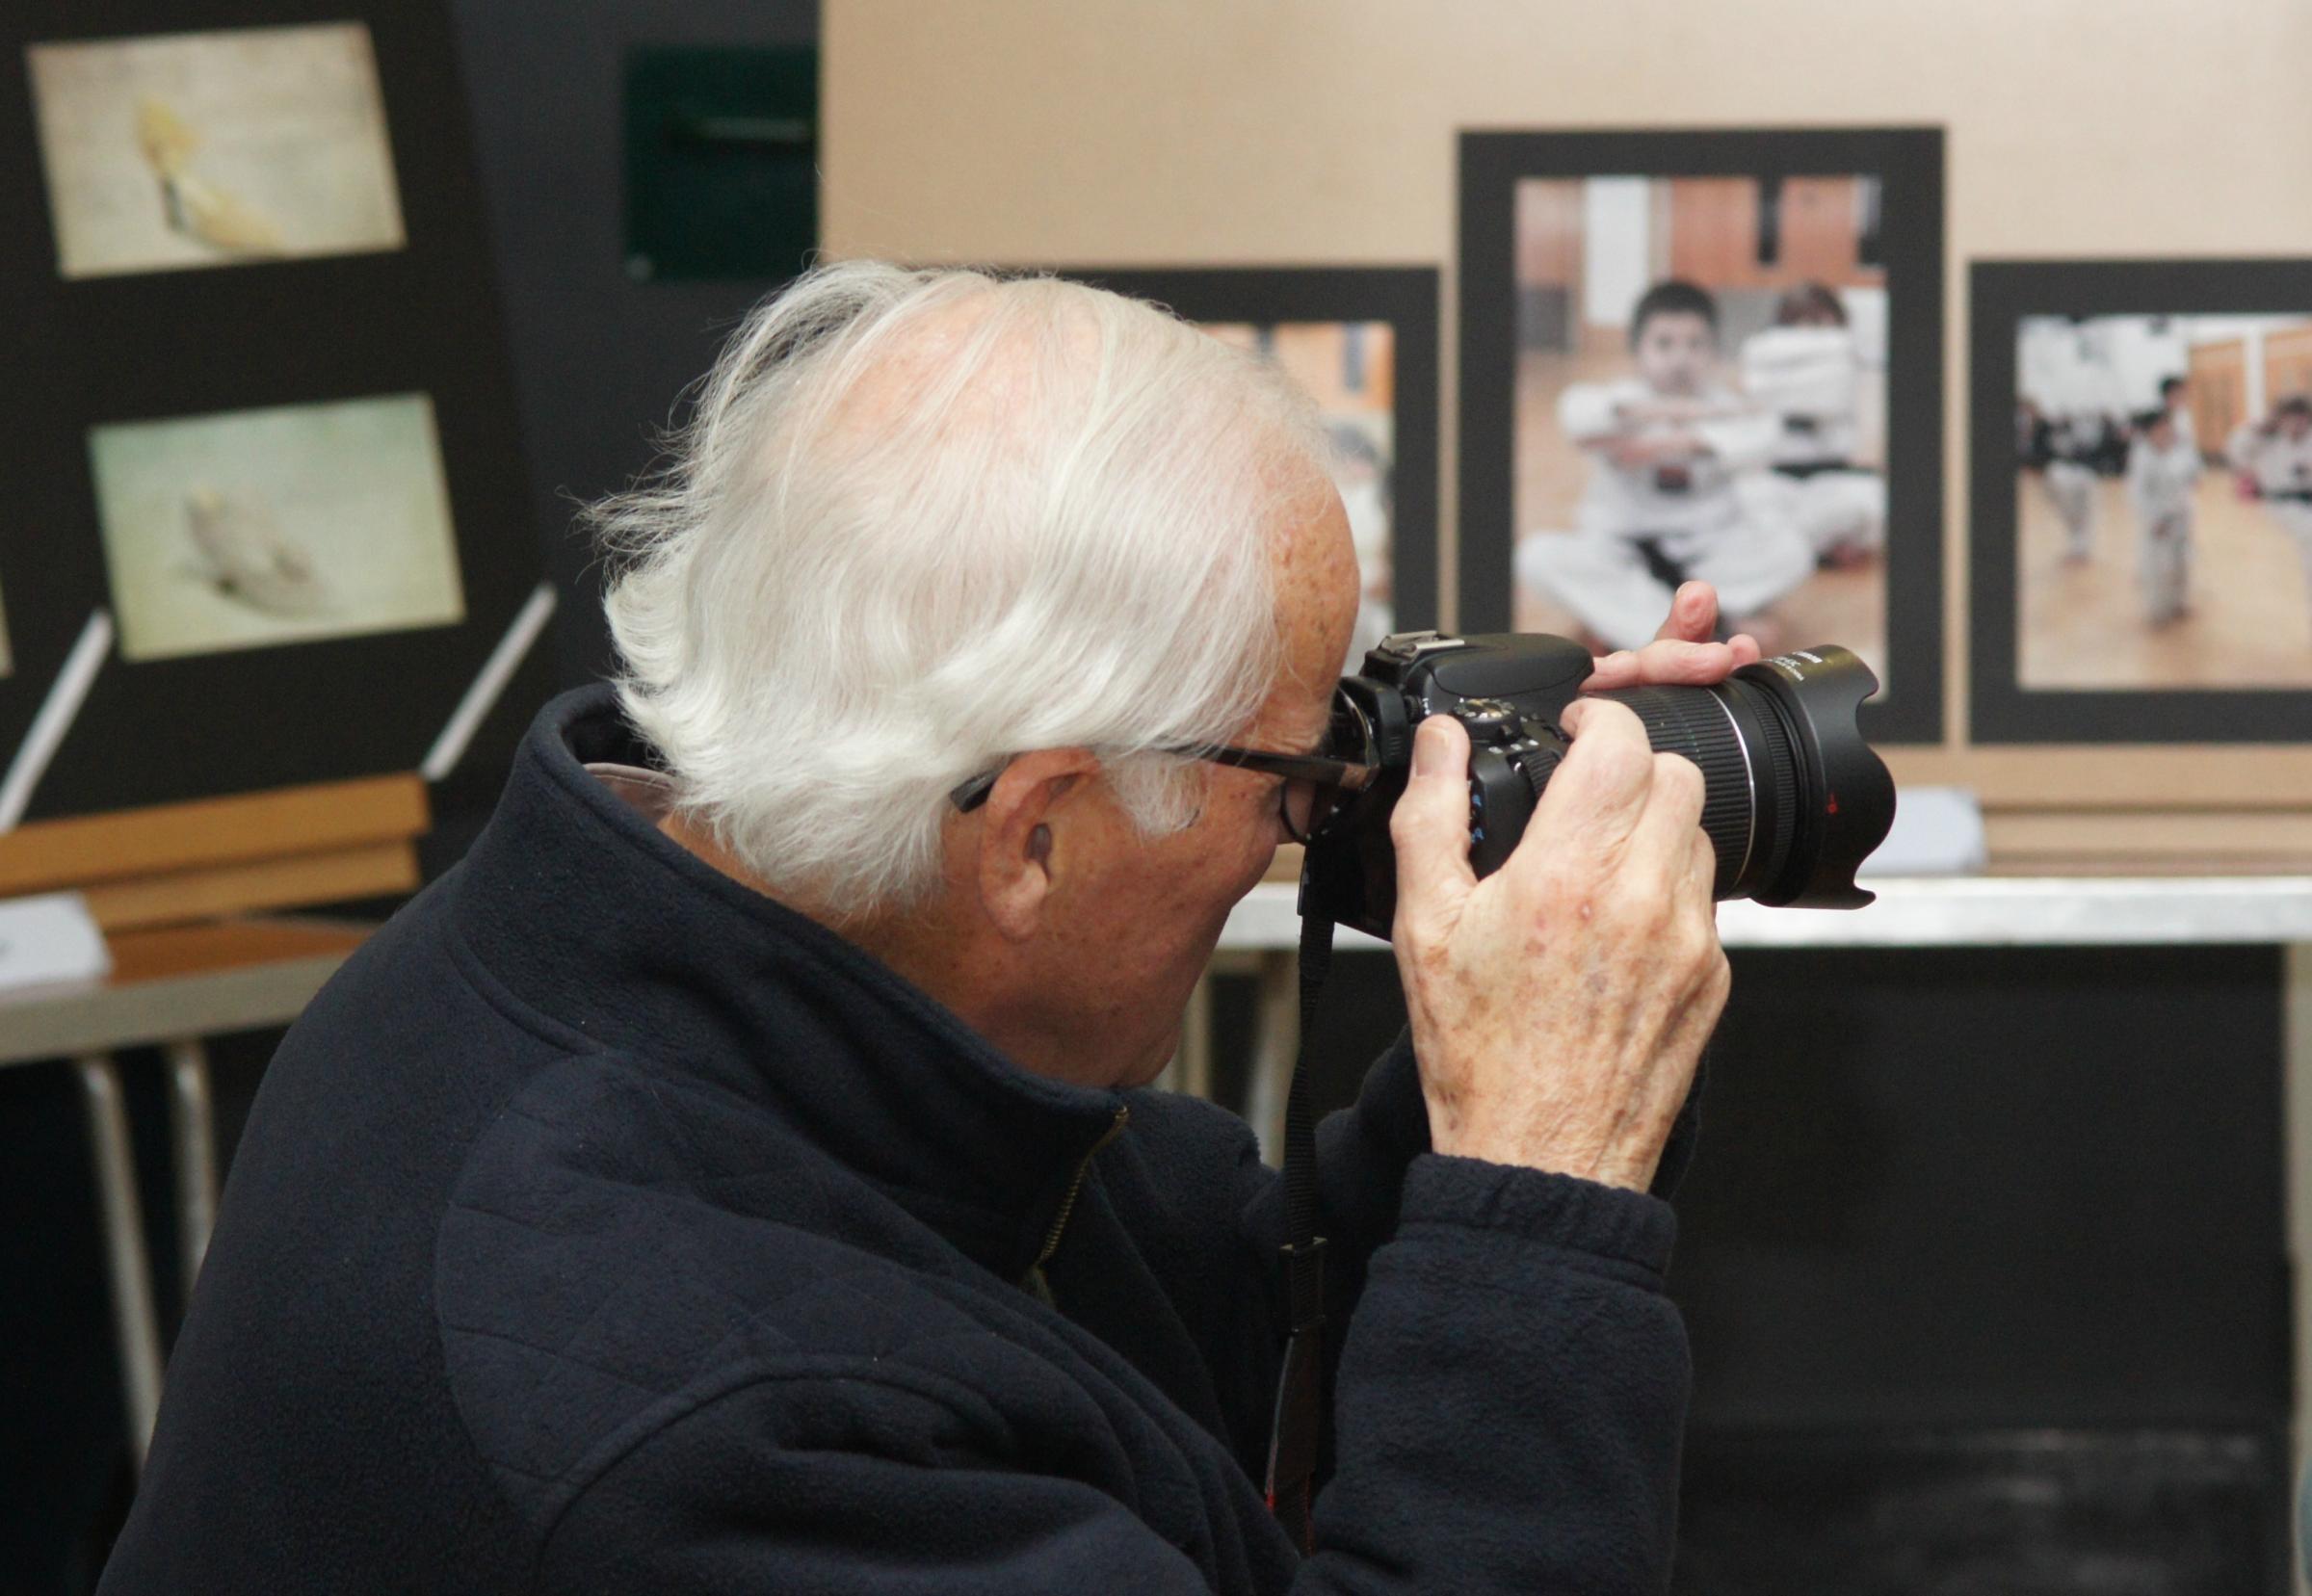 clubs Amateur amateur photographers for camera